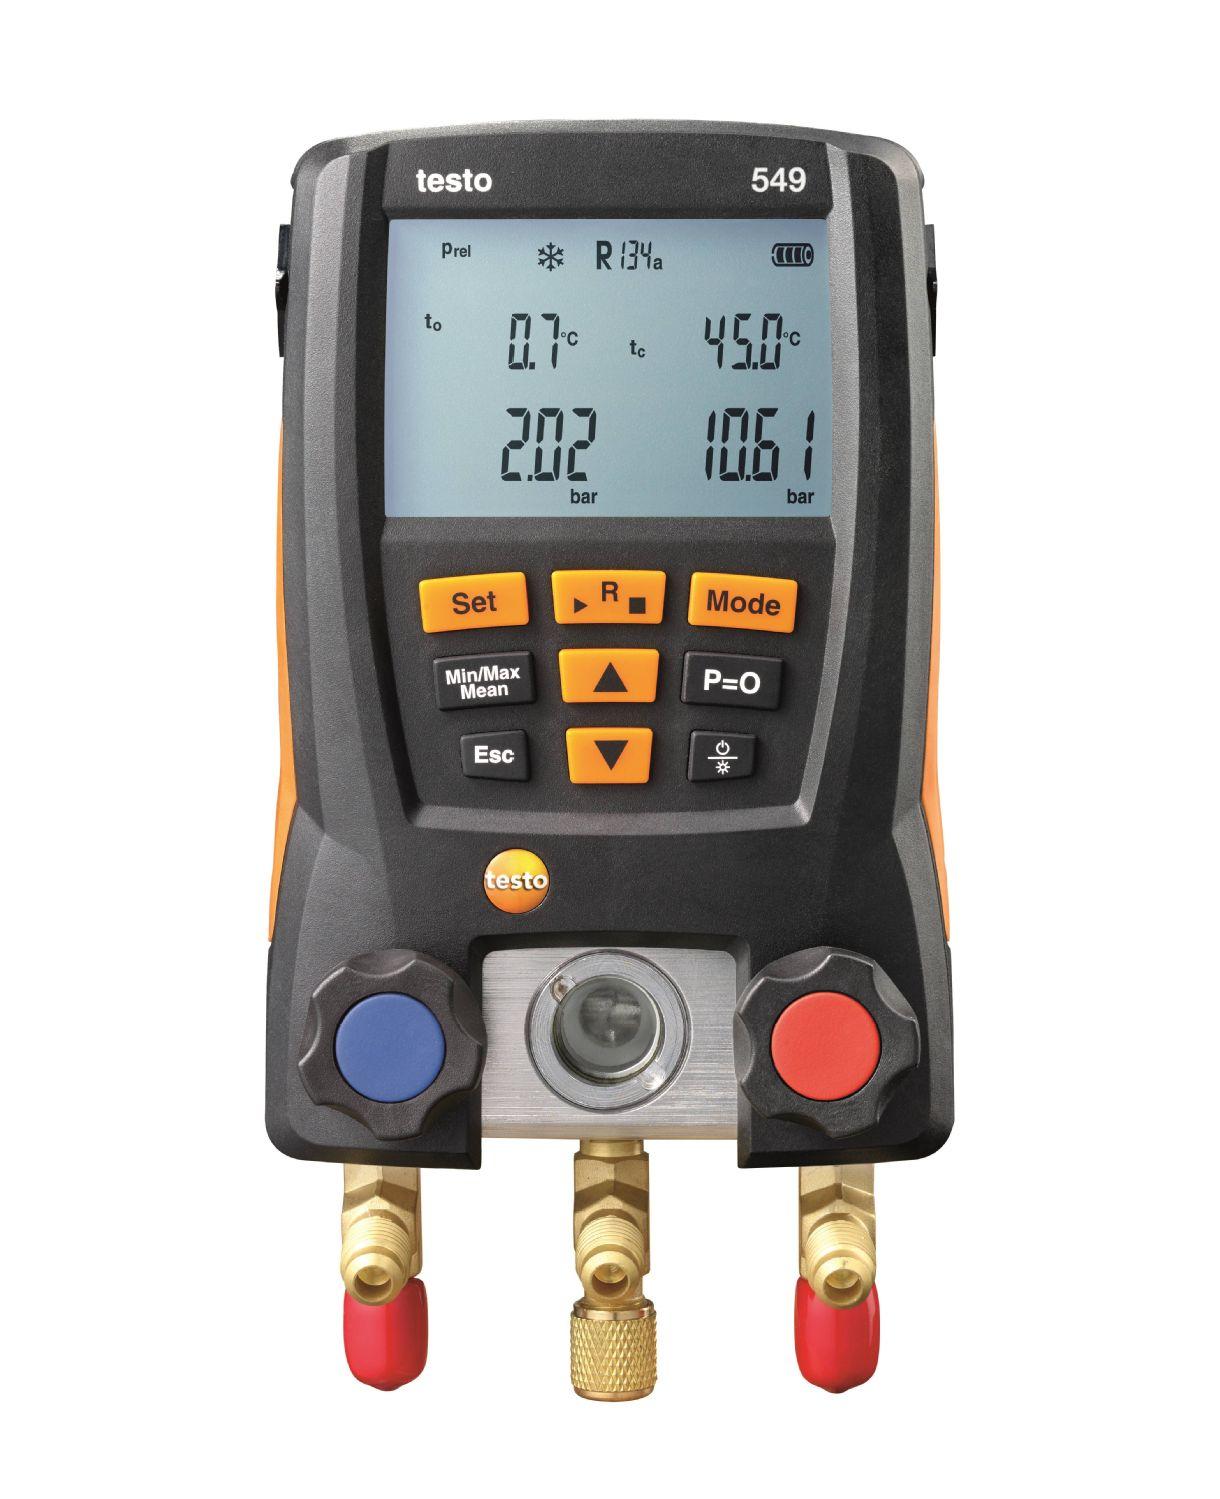 testo-549-instrument-refrigeration-005379.jpg